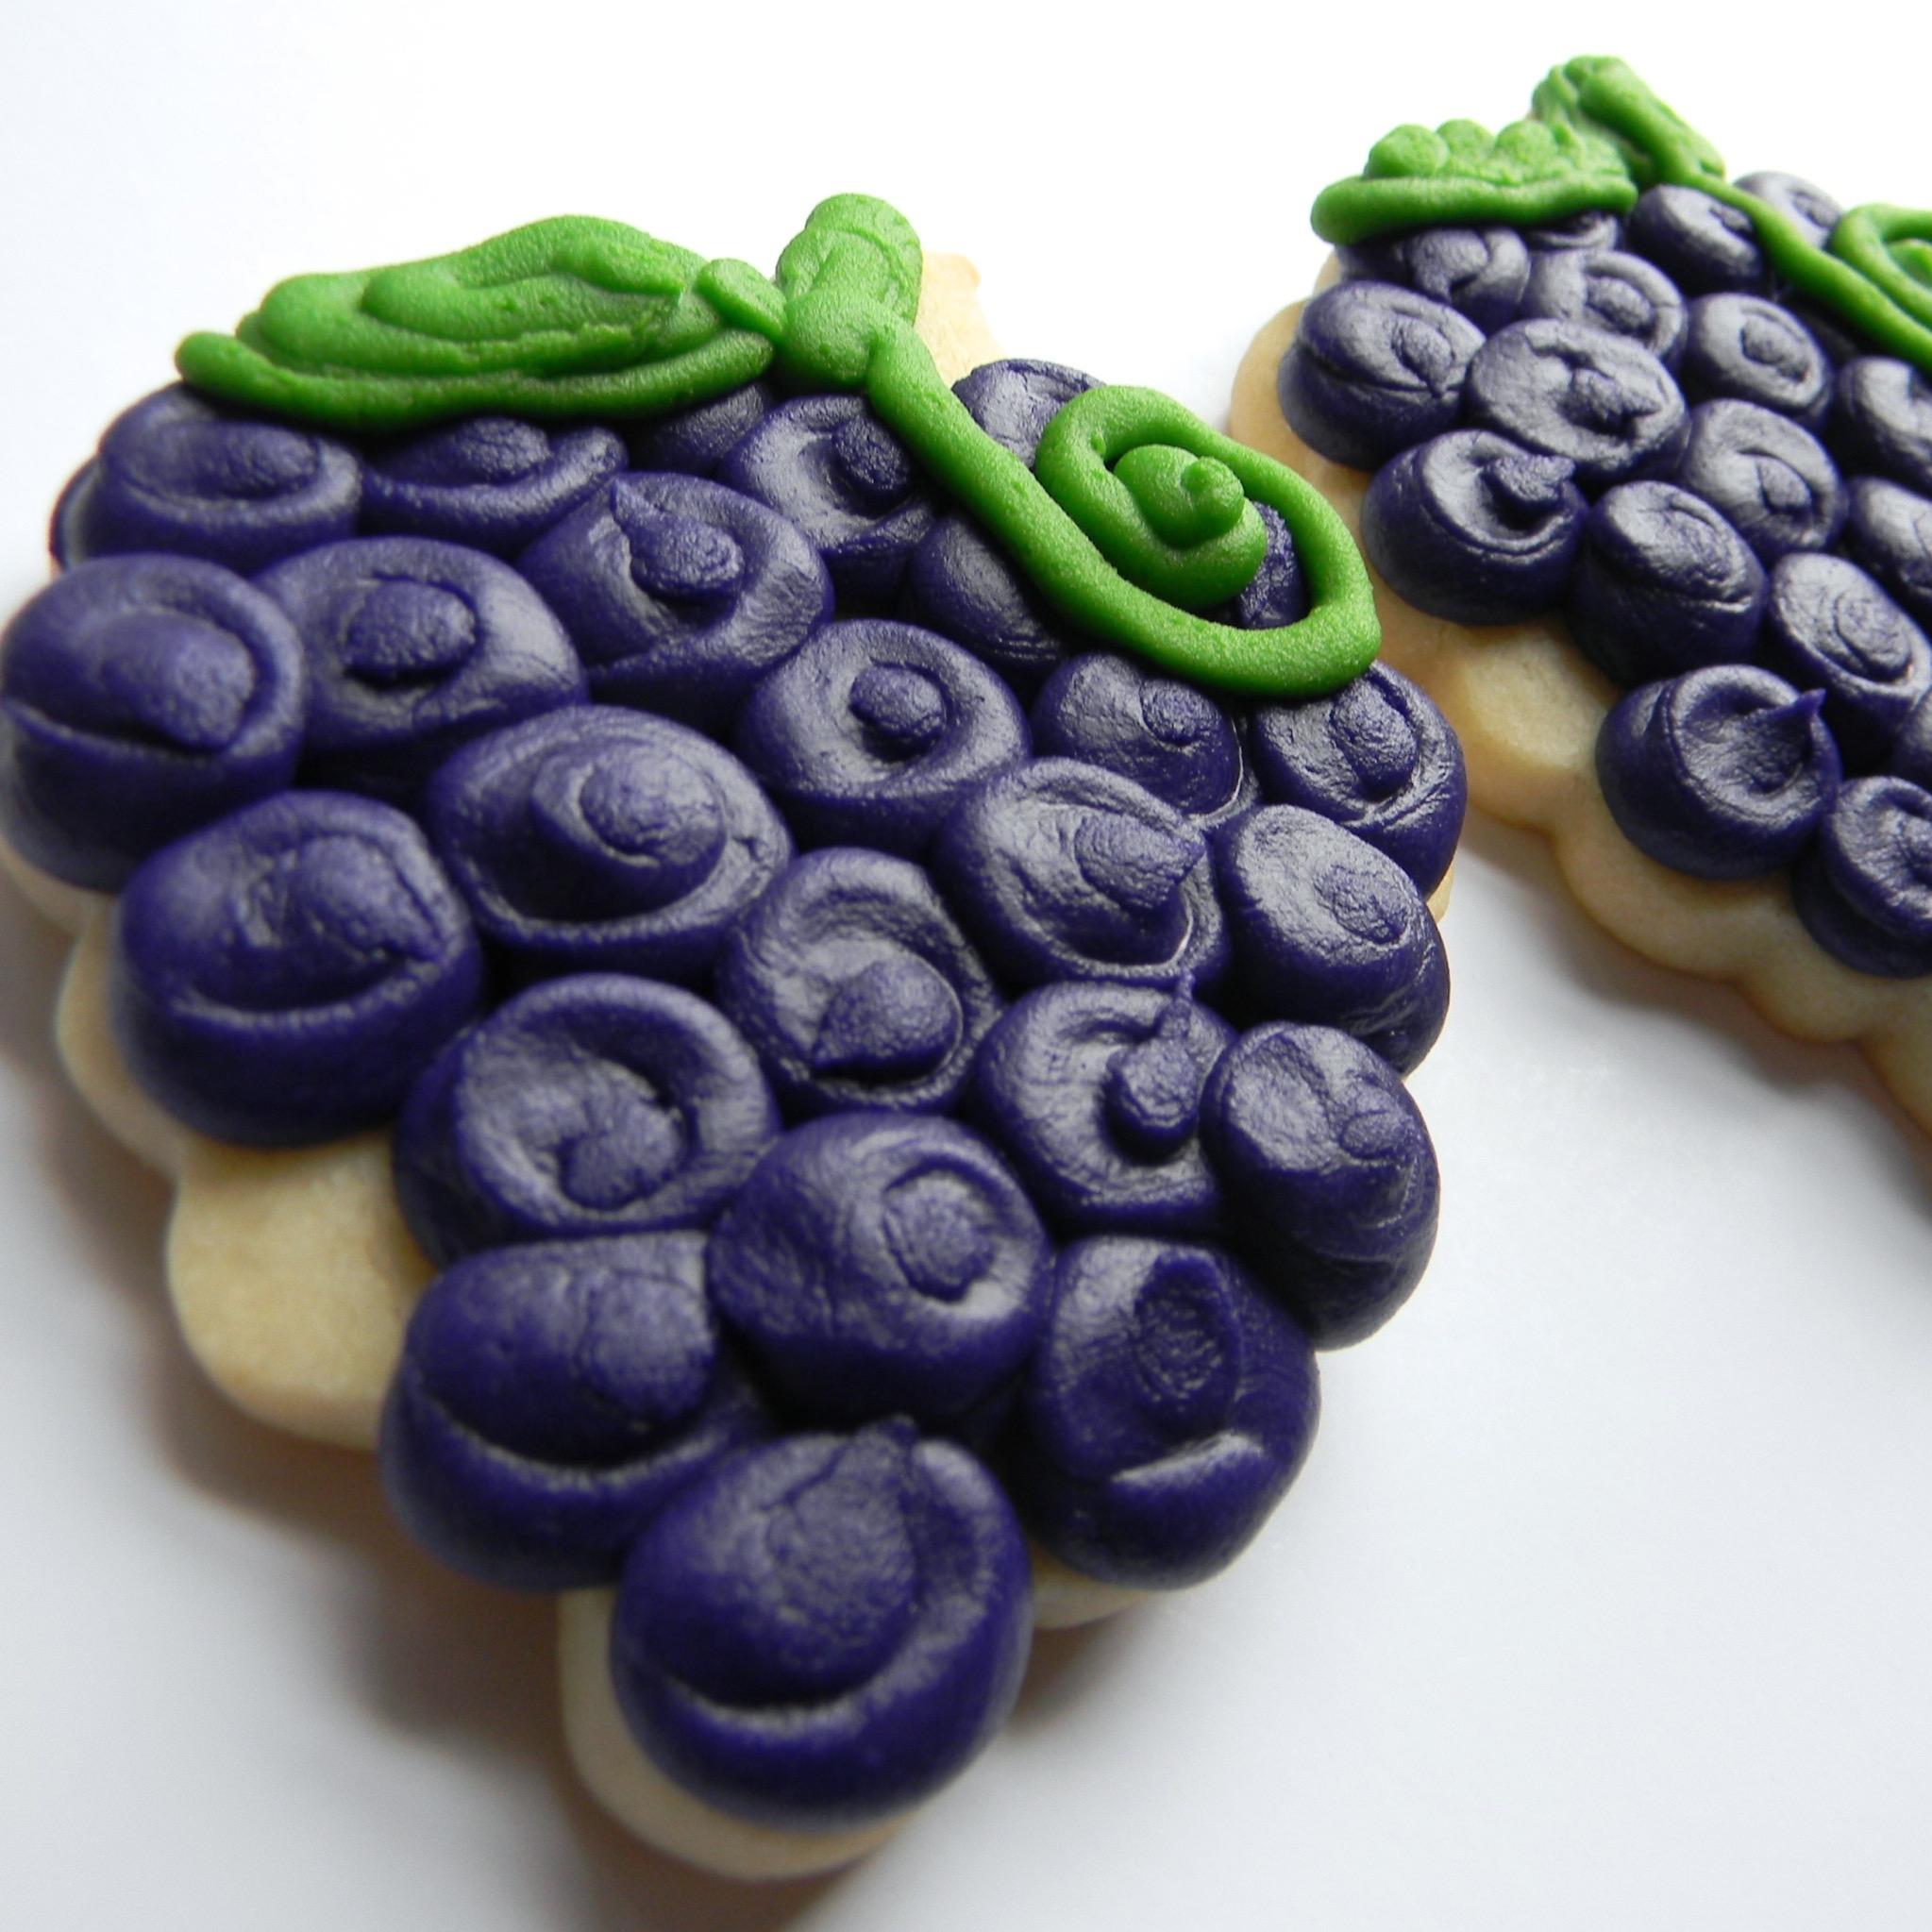 Food.Drink.Cookie.grapes.jpg